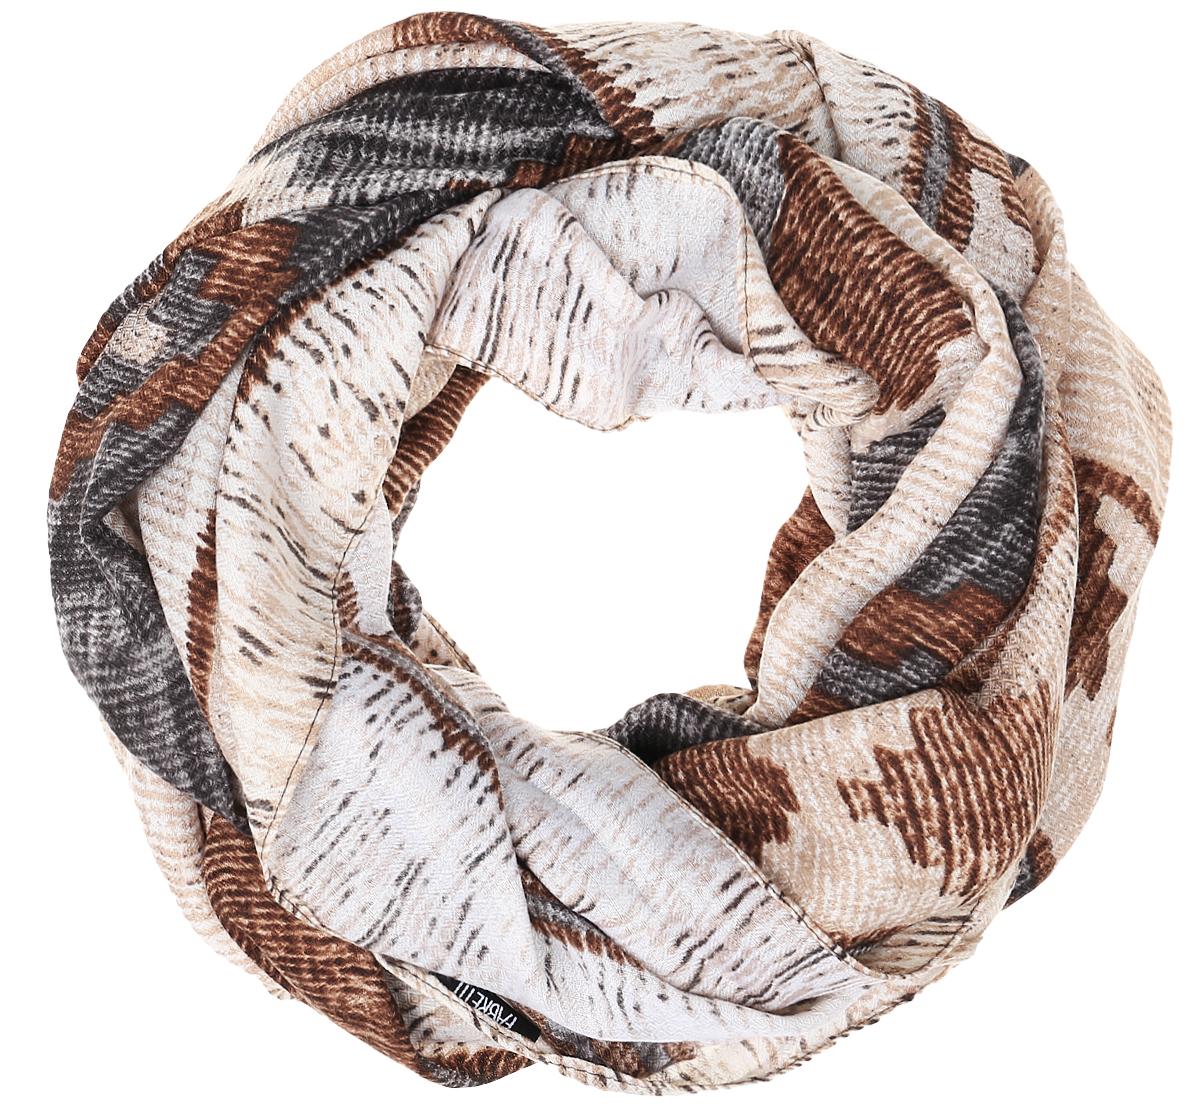 TUTF410-1Женский шарф Fabretti подарит уют и согреет от холодного ветра. Изготовленный из высококачественной вискозы, он очень легкий, мягкий, имеет приятную на ощупь текстуру. Модель оформлена орнаментом. Изделие по краям дополнено кисточками. Такой аксессуар станет стильным дополнением к образу современной женщины, стремящейся всегда оставаться яркой и элегантной.